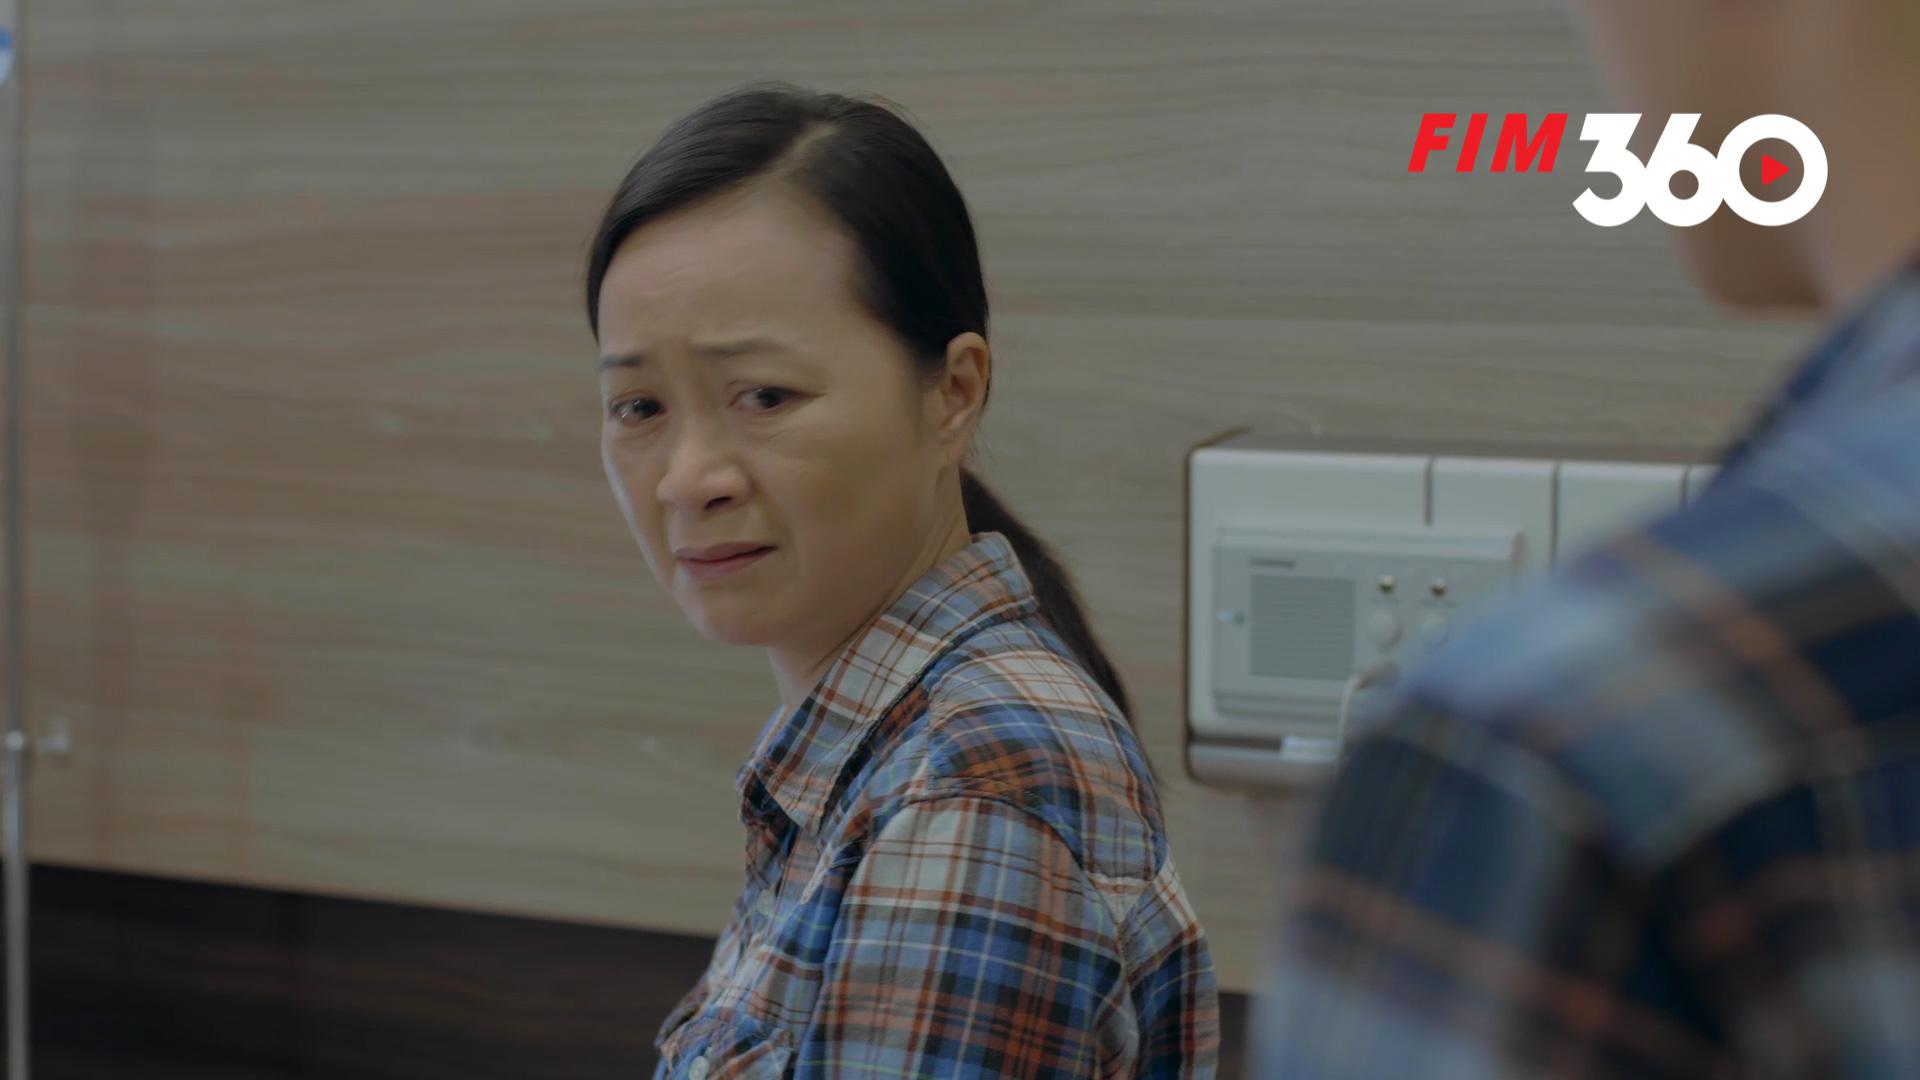 Hân bất ngờ ngất xỉu, Bảo tha thiết mong 'bạn gái' đừng rời đi trong tập 36 'Mặt nạ hạnh phúc' 7